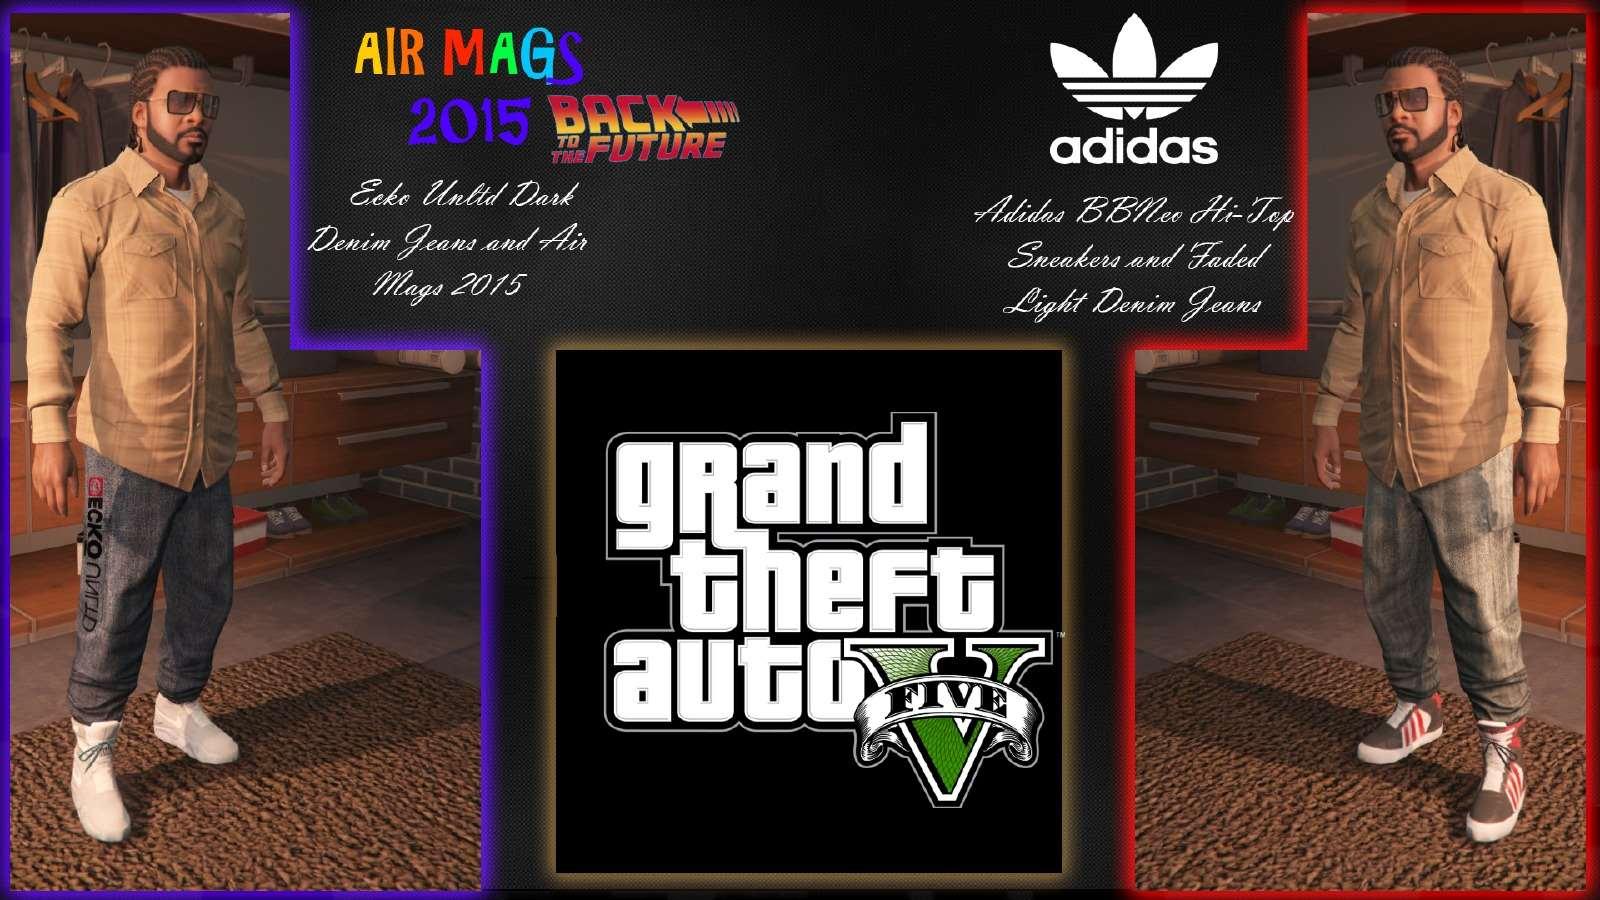 1255a4-AirMagsNAdidas